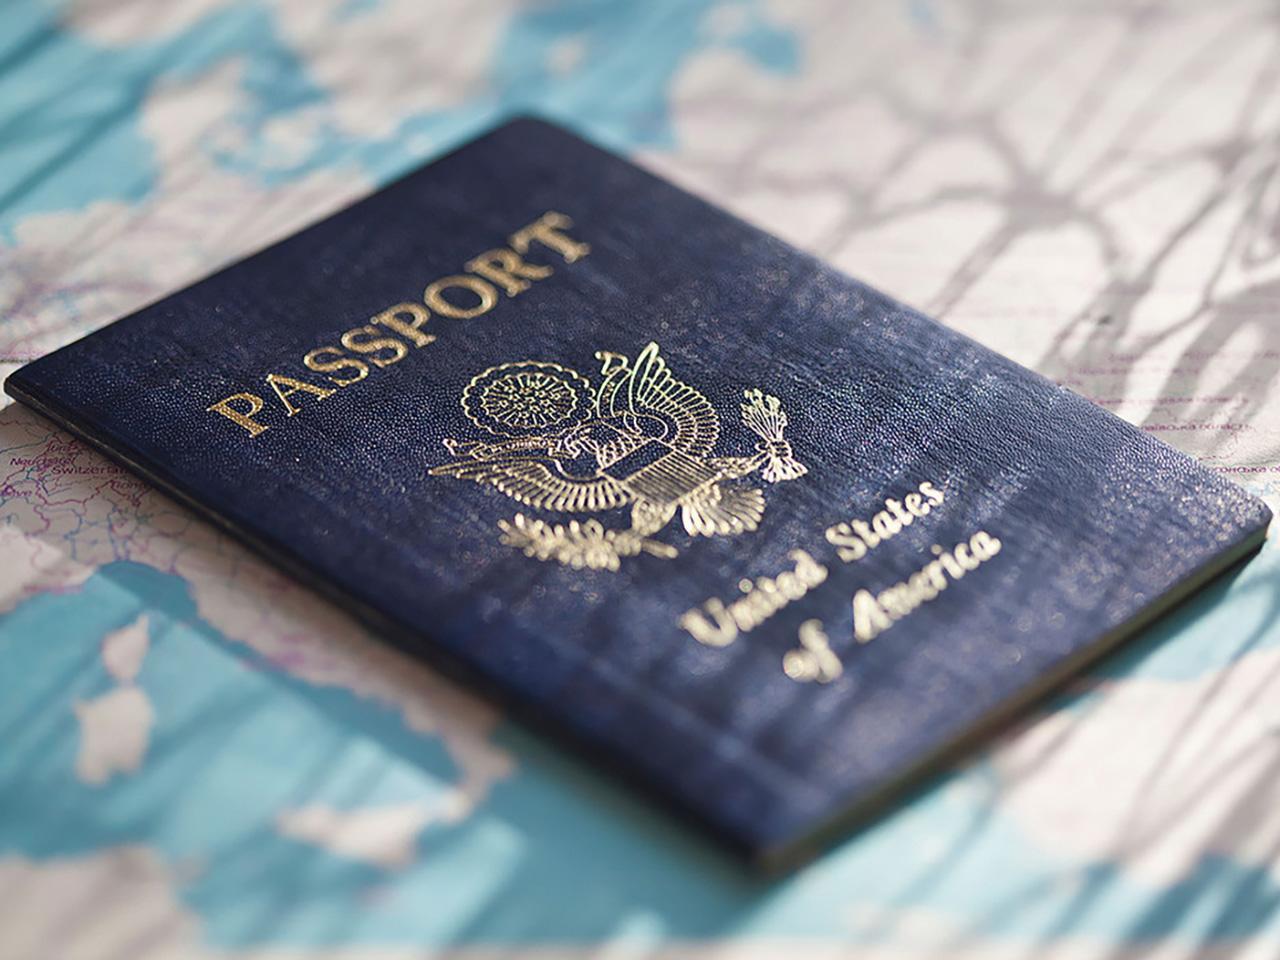 พาสปอร์ตสัญชาติอเมริกัน